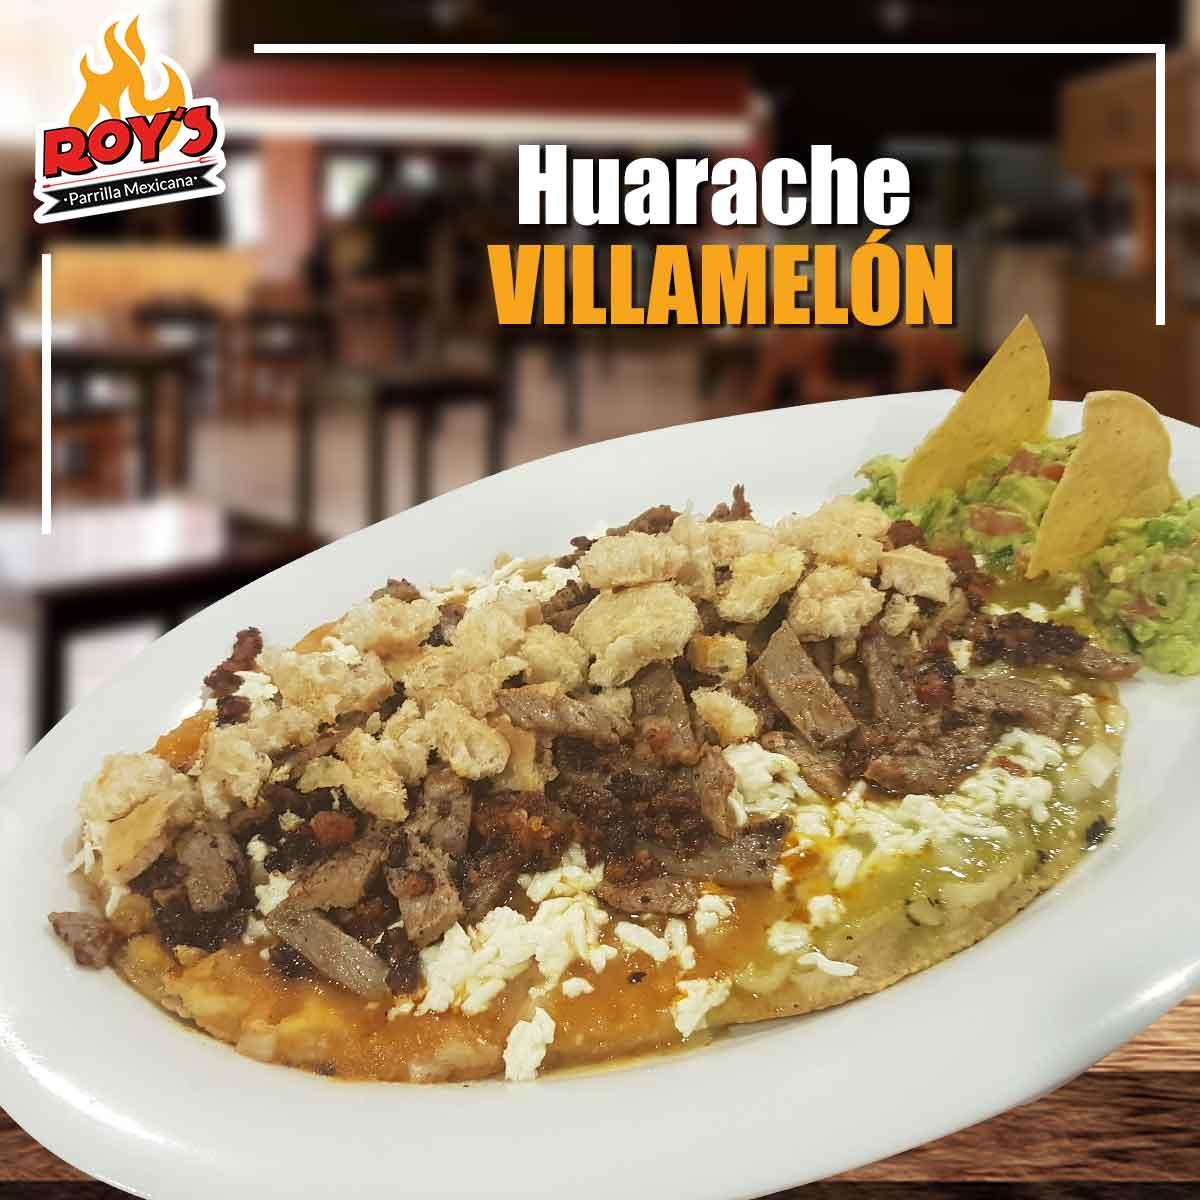 Huarache Villamelón